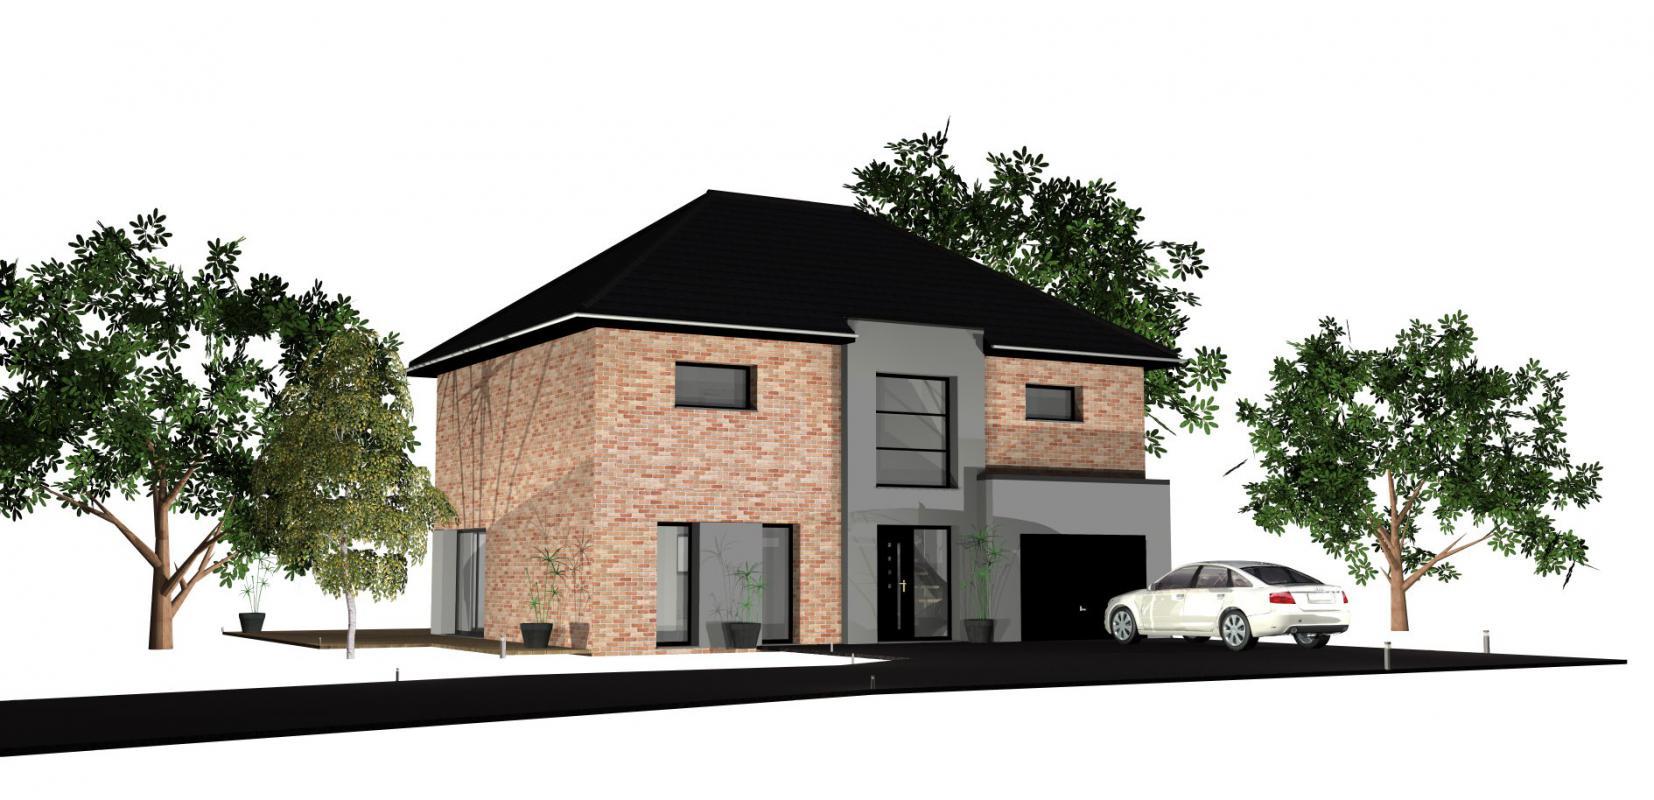 Maisons + Terrains du constructeur MAISONS D EN FRANCE NORD • 150 m² • ORCHIES